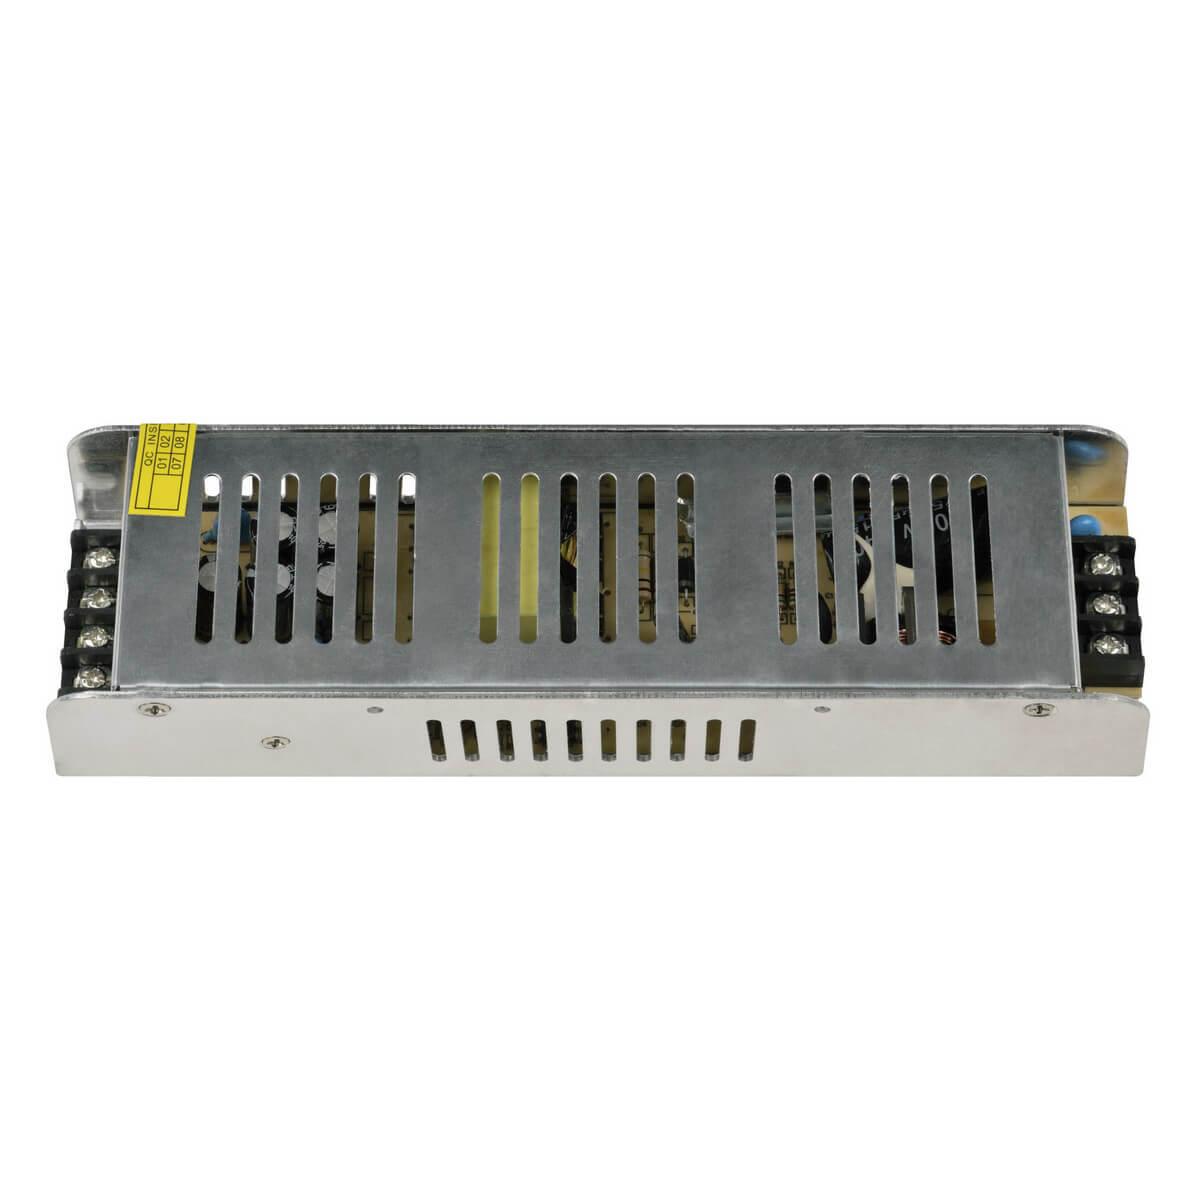 Блок питания (UL-00002430) Uniel UET-VAS-120A20 блок питания ul 00002433 uniel uet vas 200b20